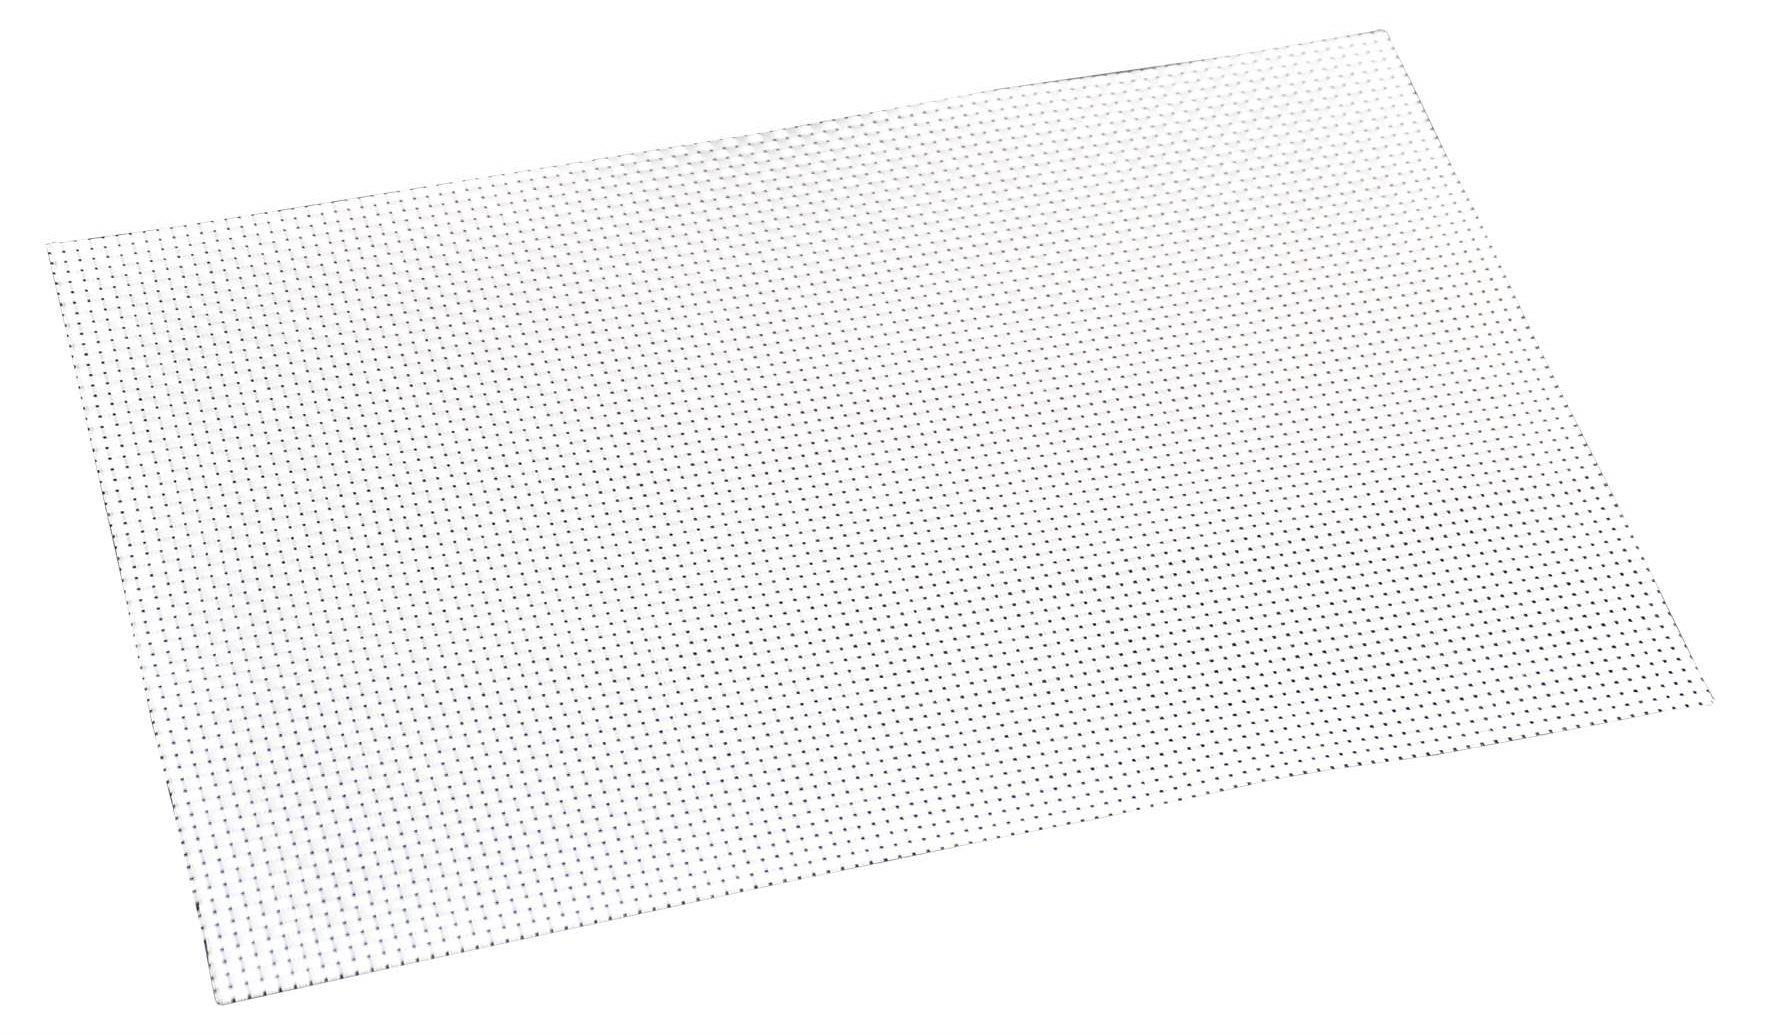 Kesper Tányéralátét fonott műanyagból, fehér színű